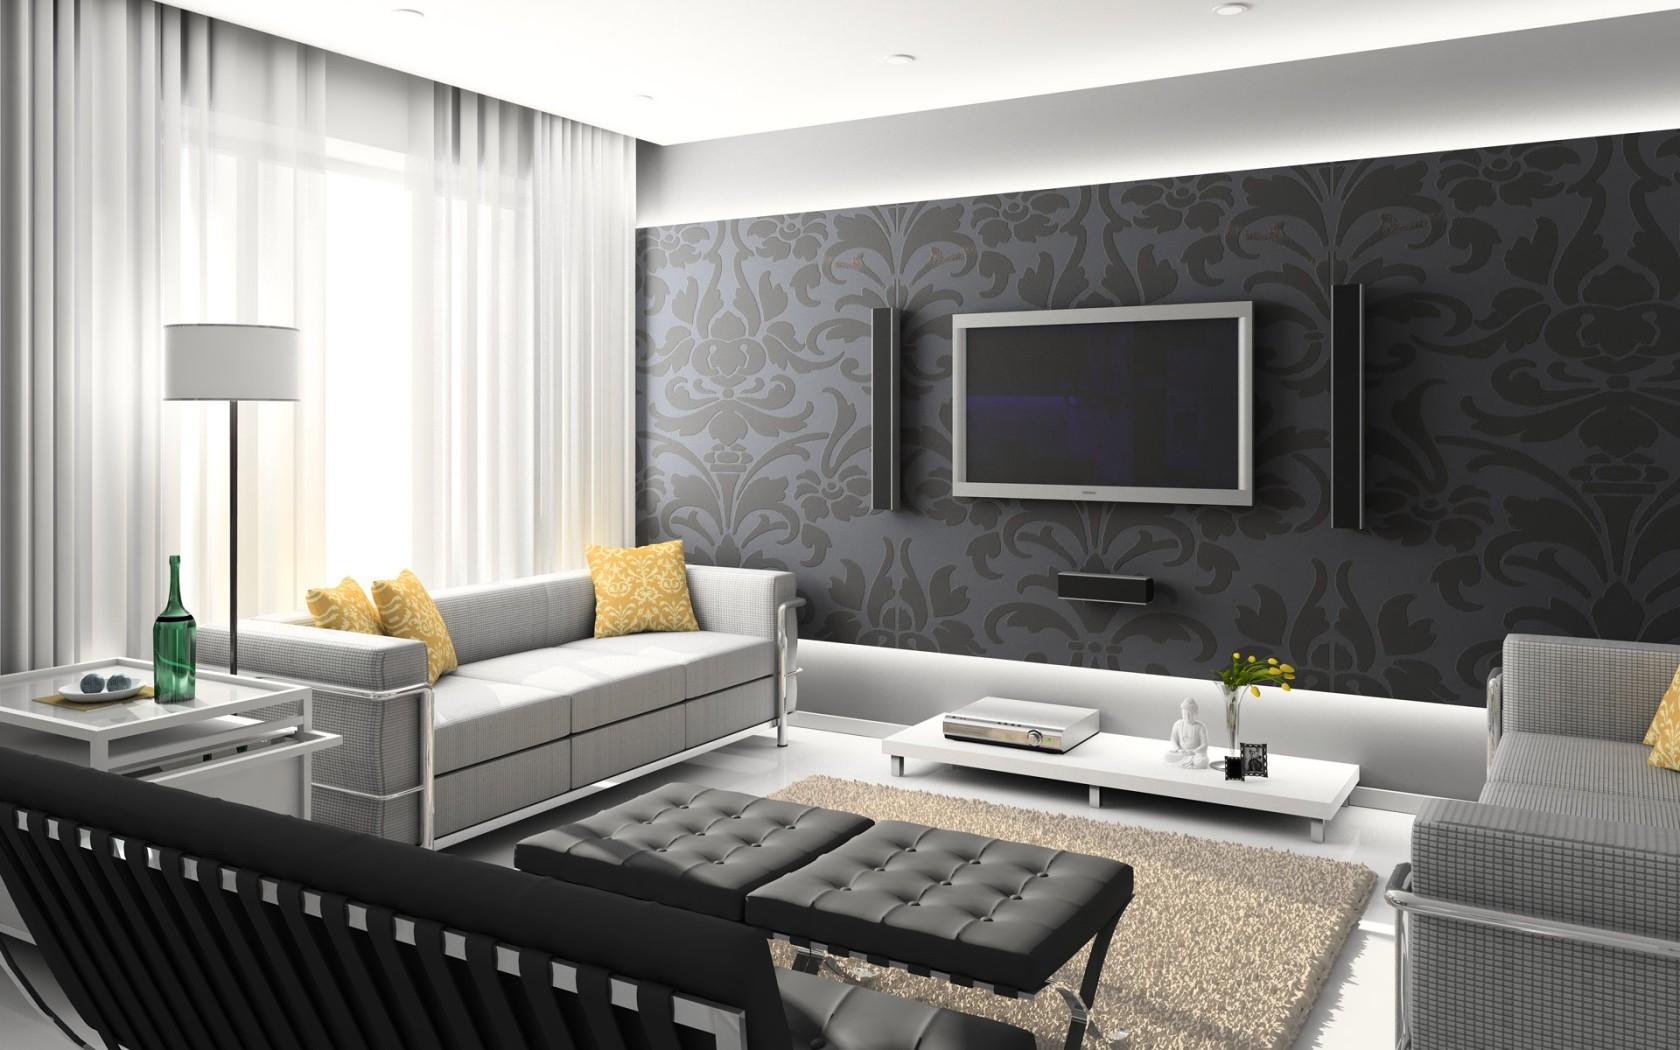 Дизайн интерьера комнаты фото